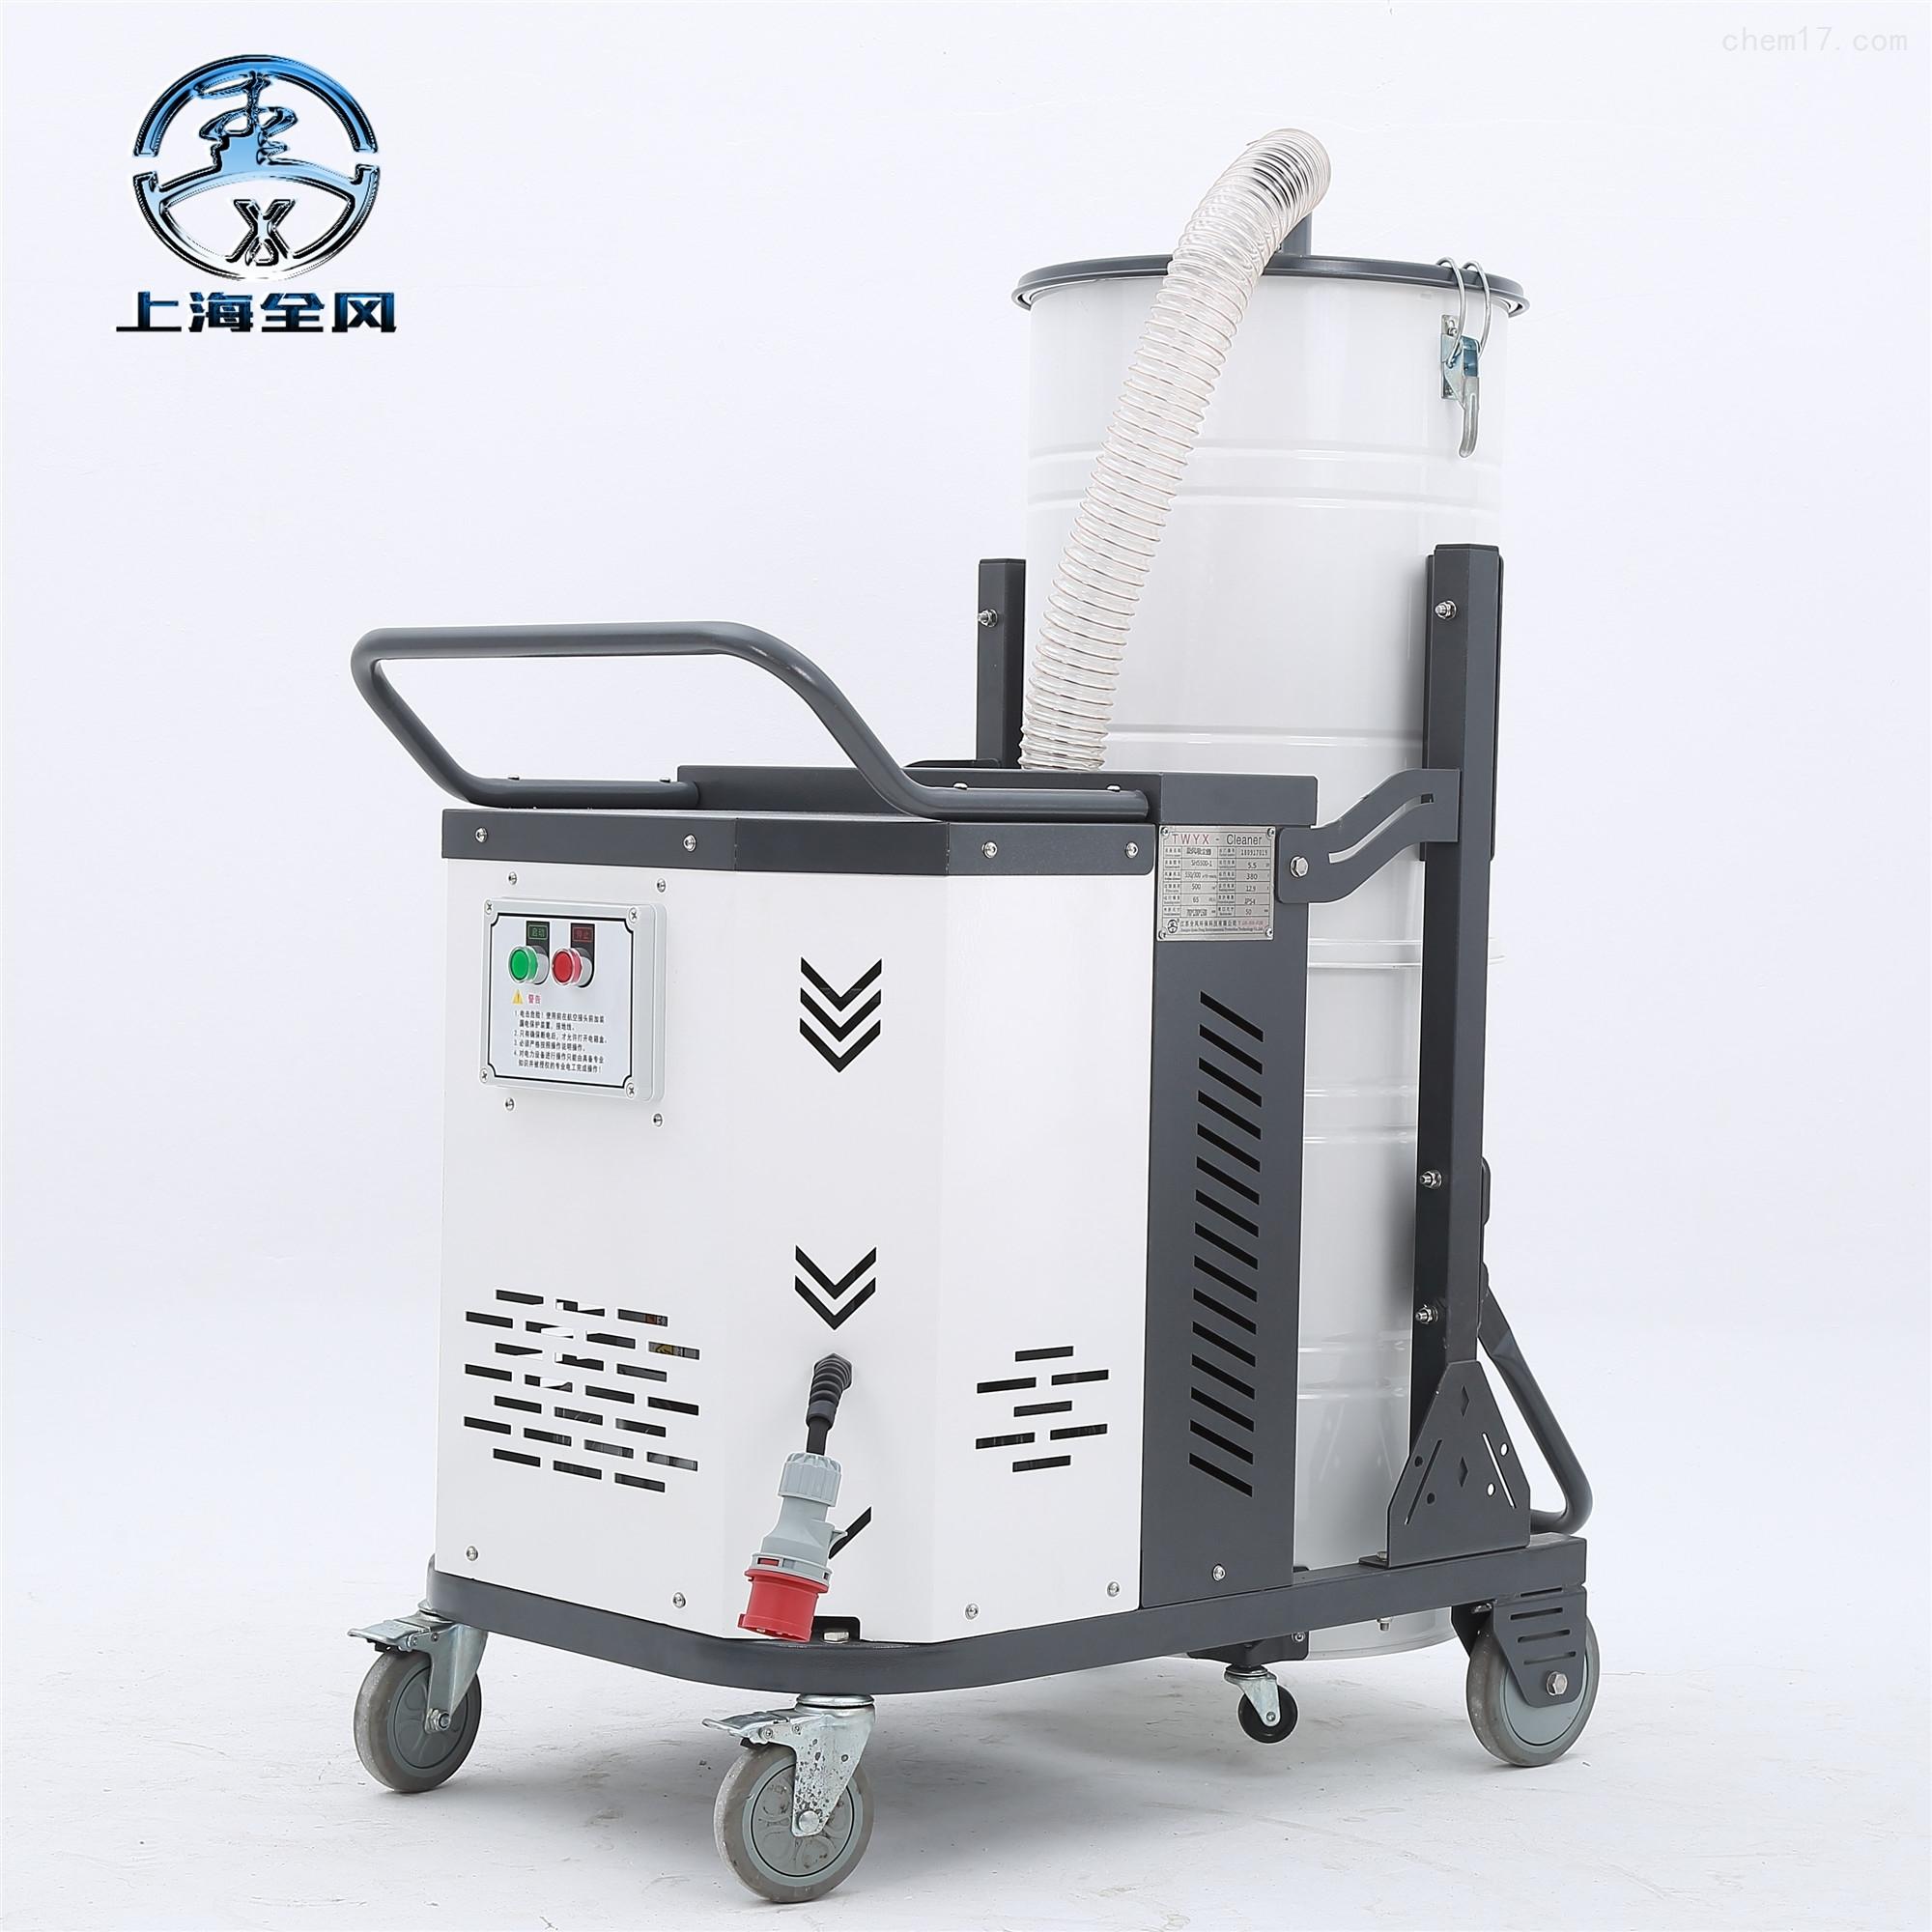 吸铁屑油污工业防爆吸尘器